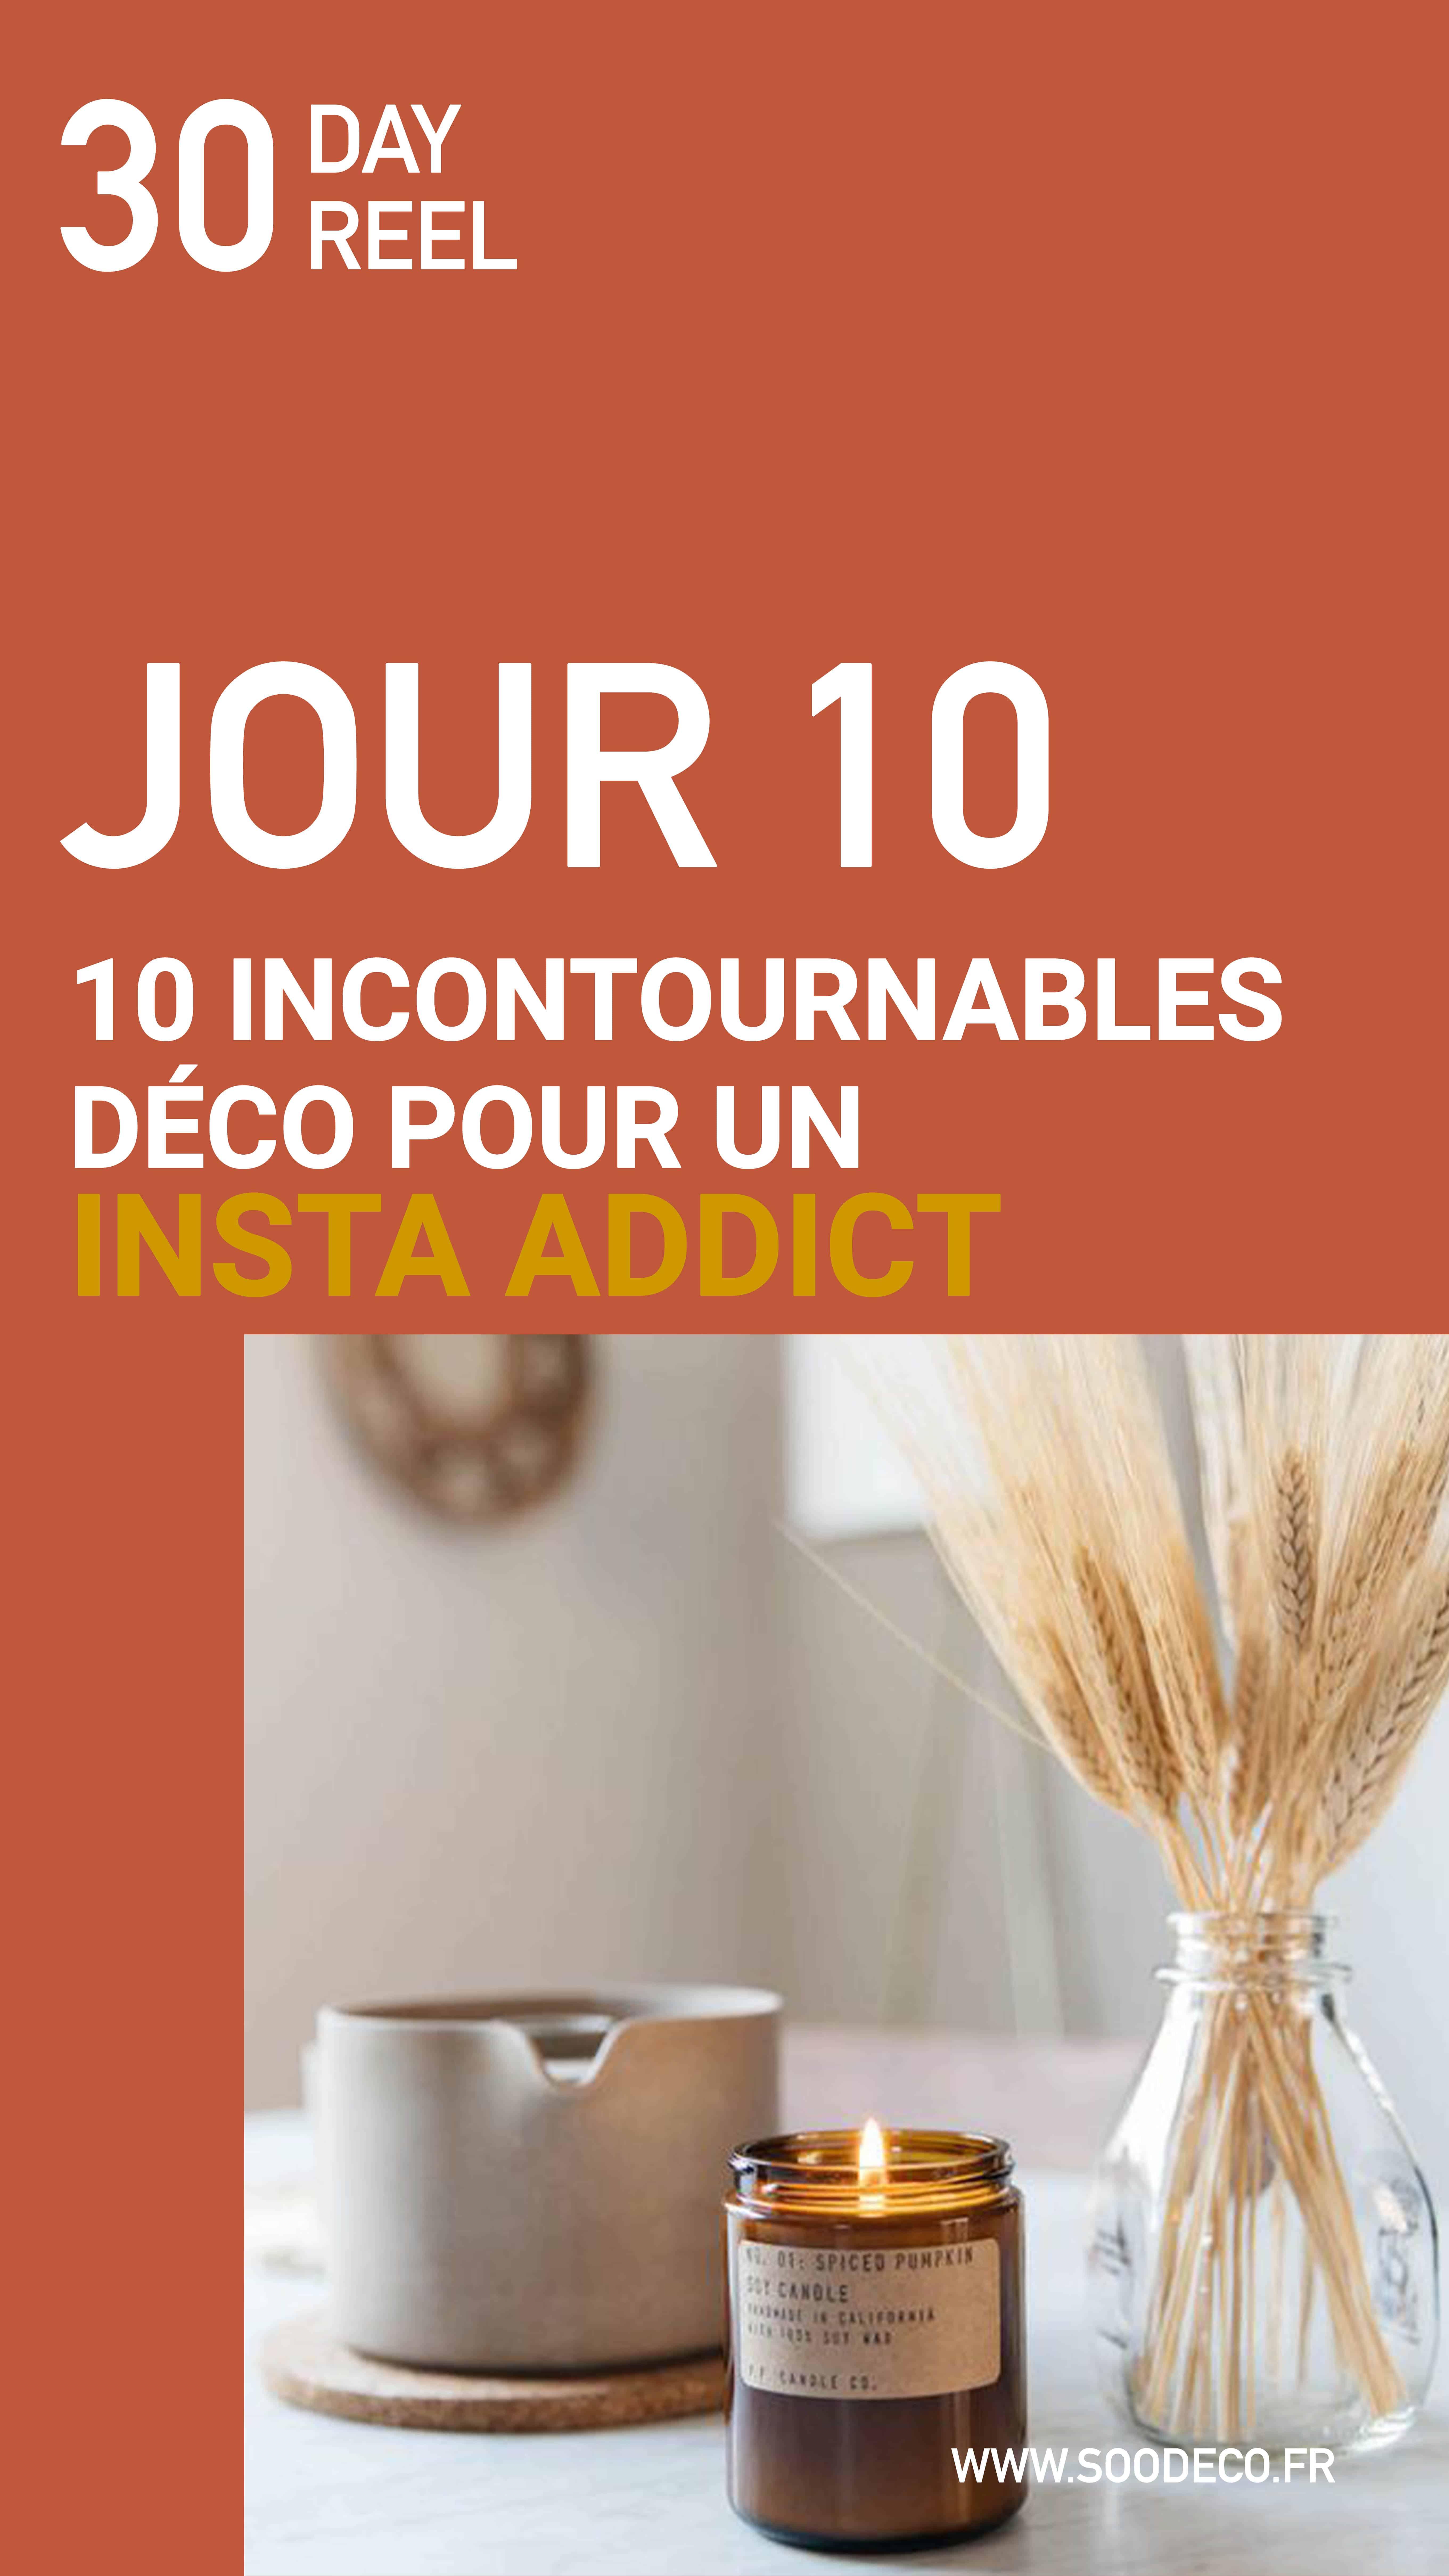 10 incontournables déco pour un insta addict